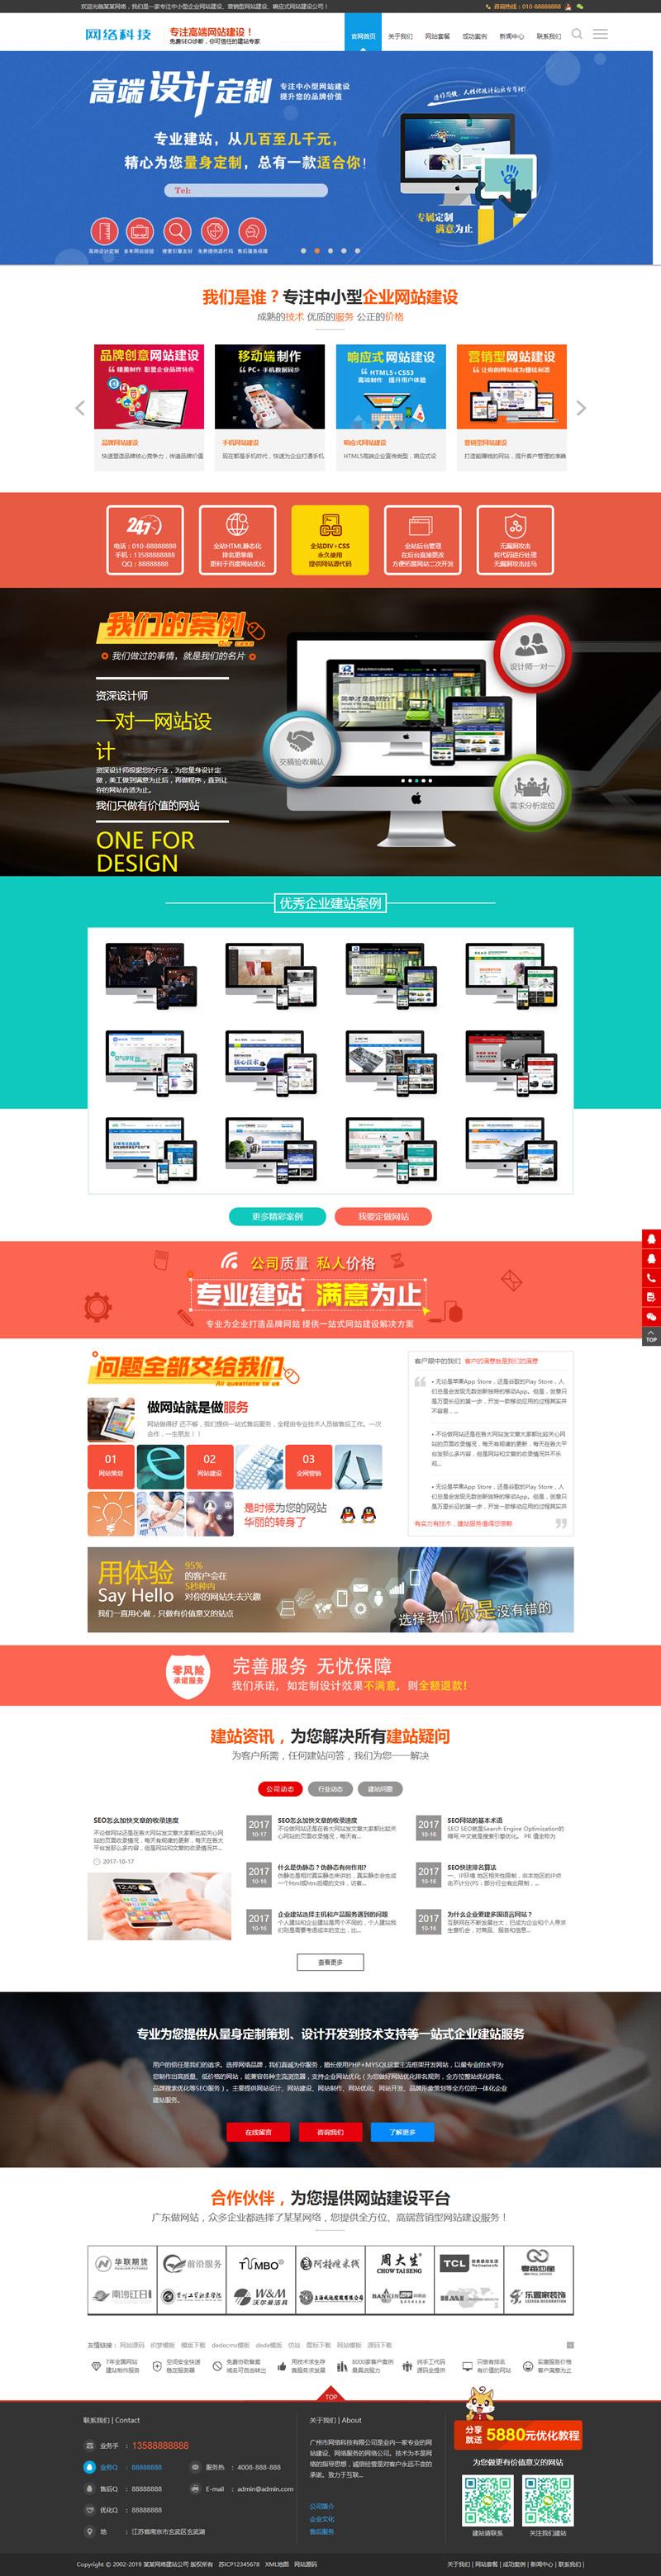 织梦高端企业建站公司网站源码 带手机版数据同步 第1张